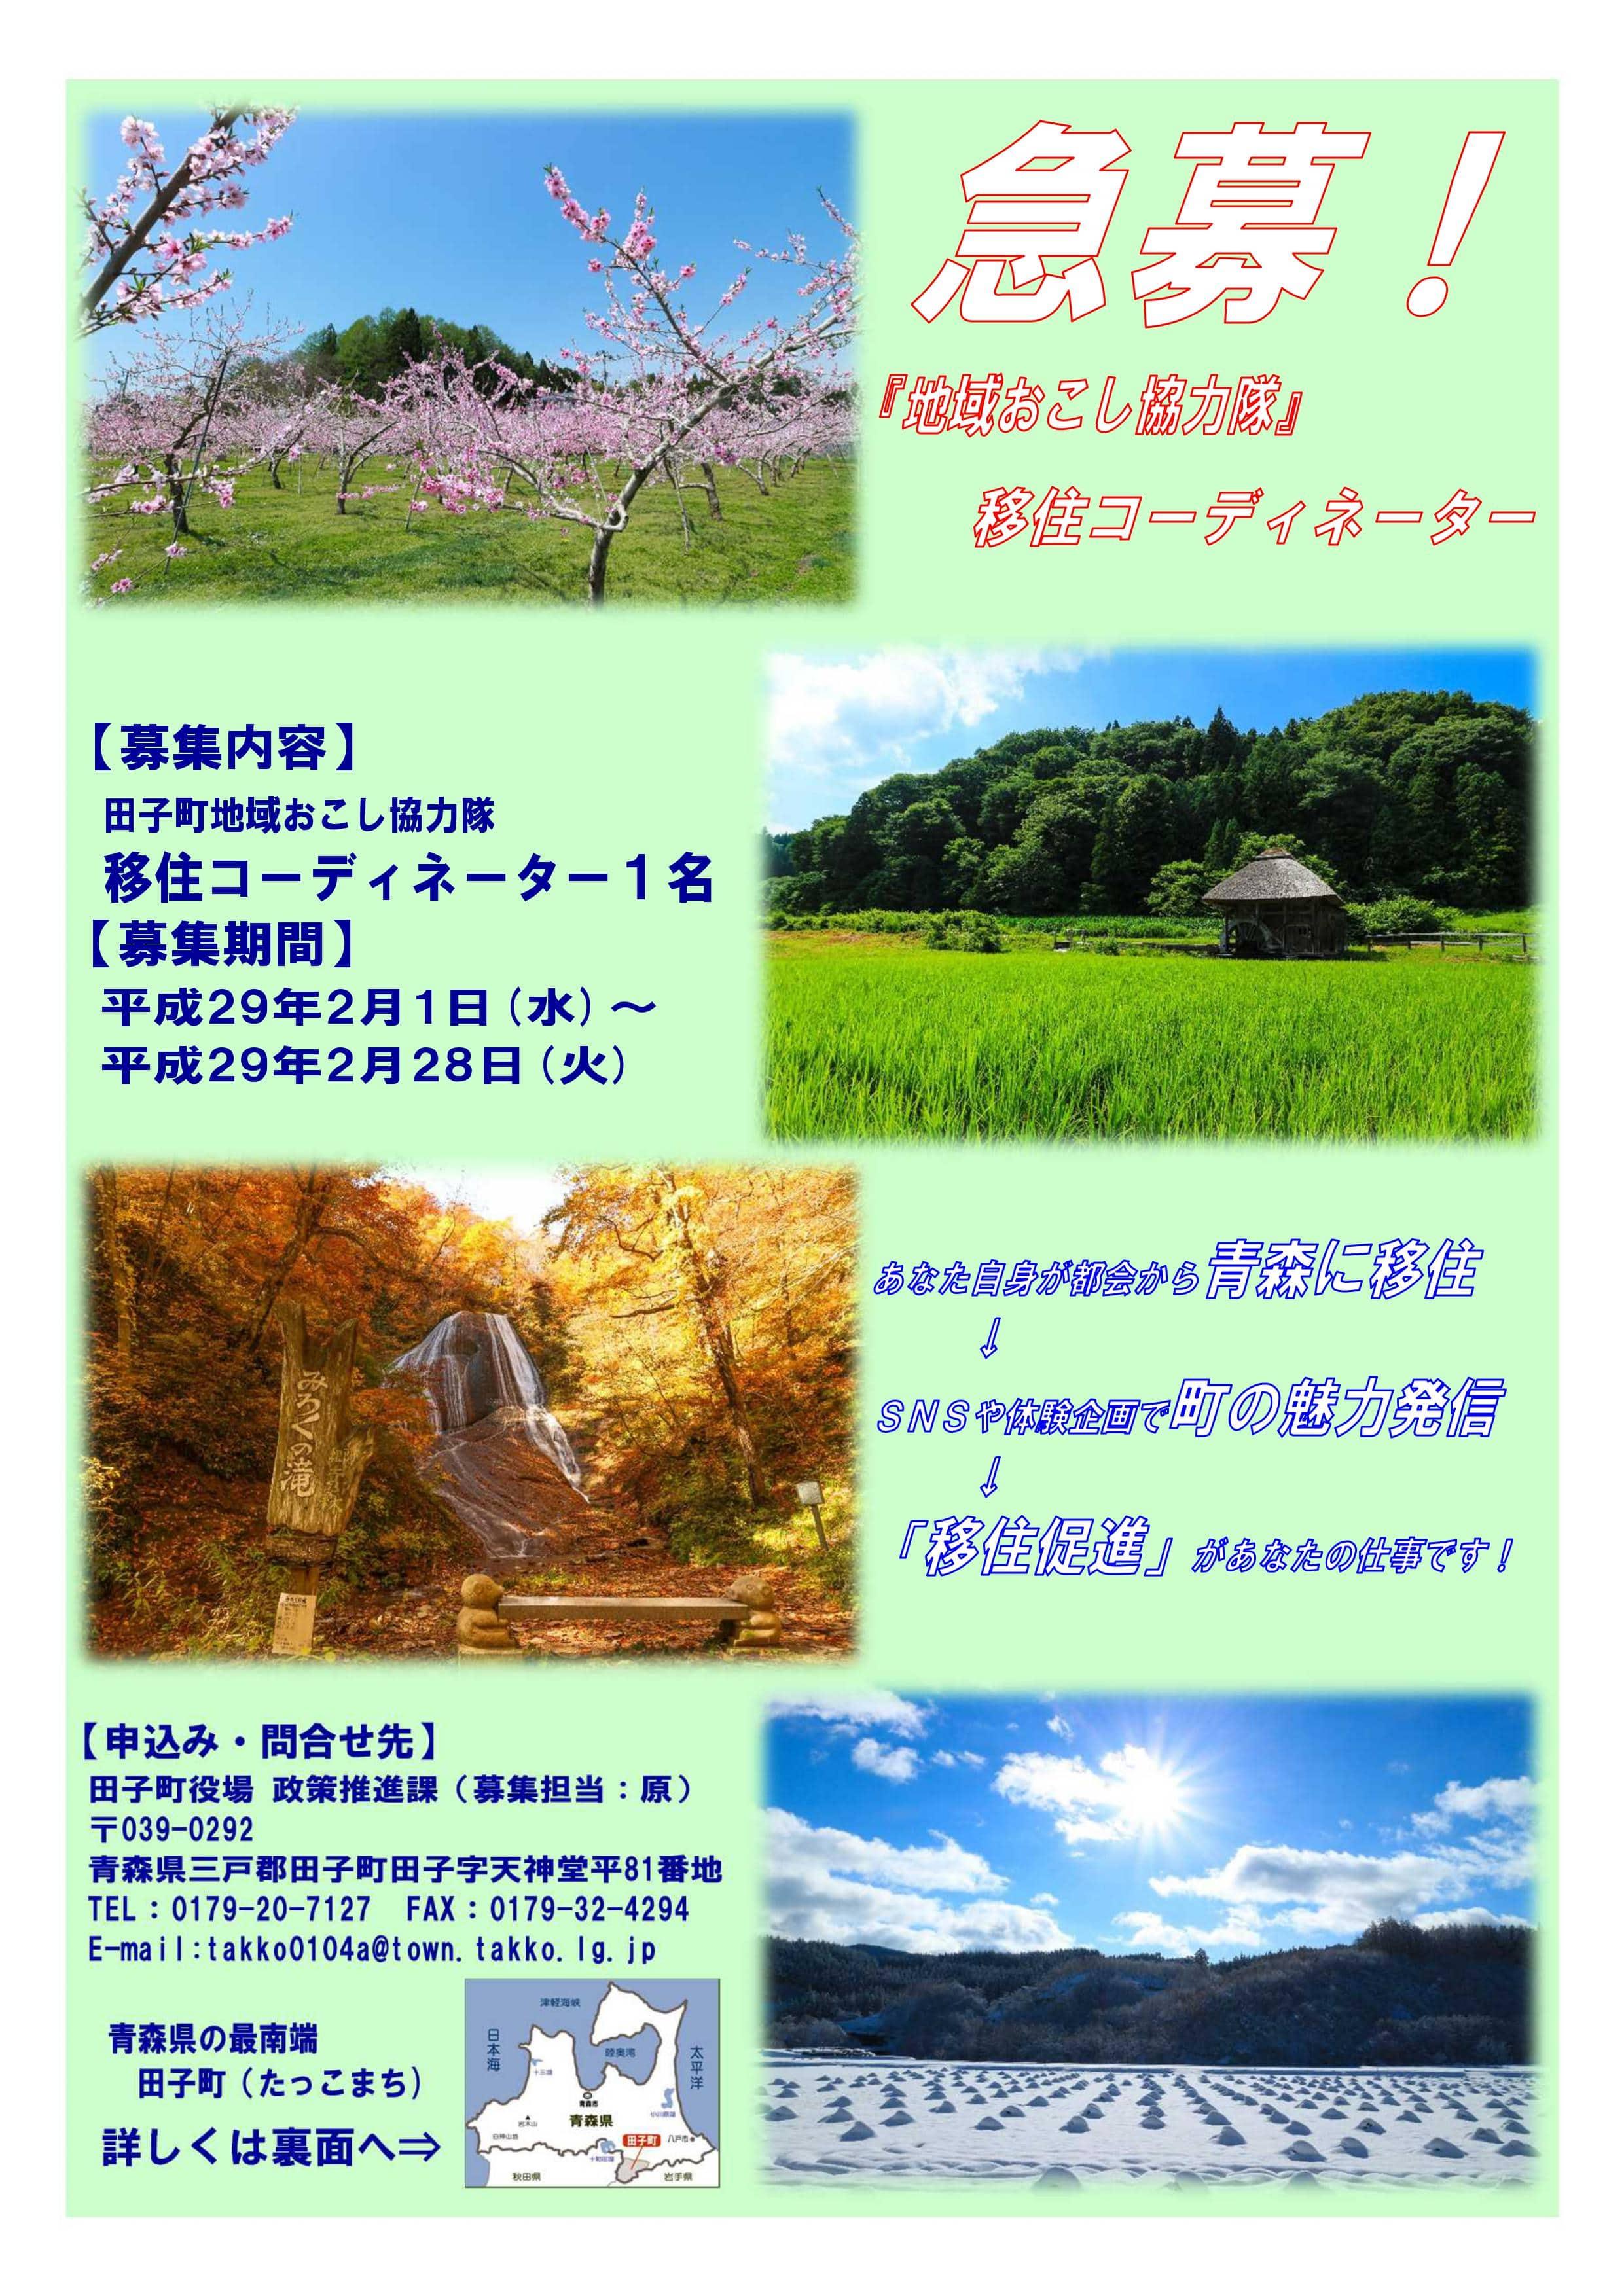 田子町地域おこし協力隊つっちーブログ20170201_001